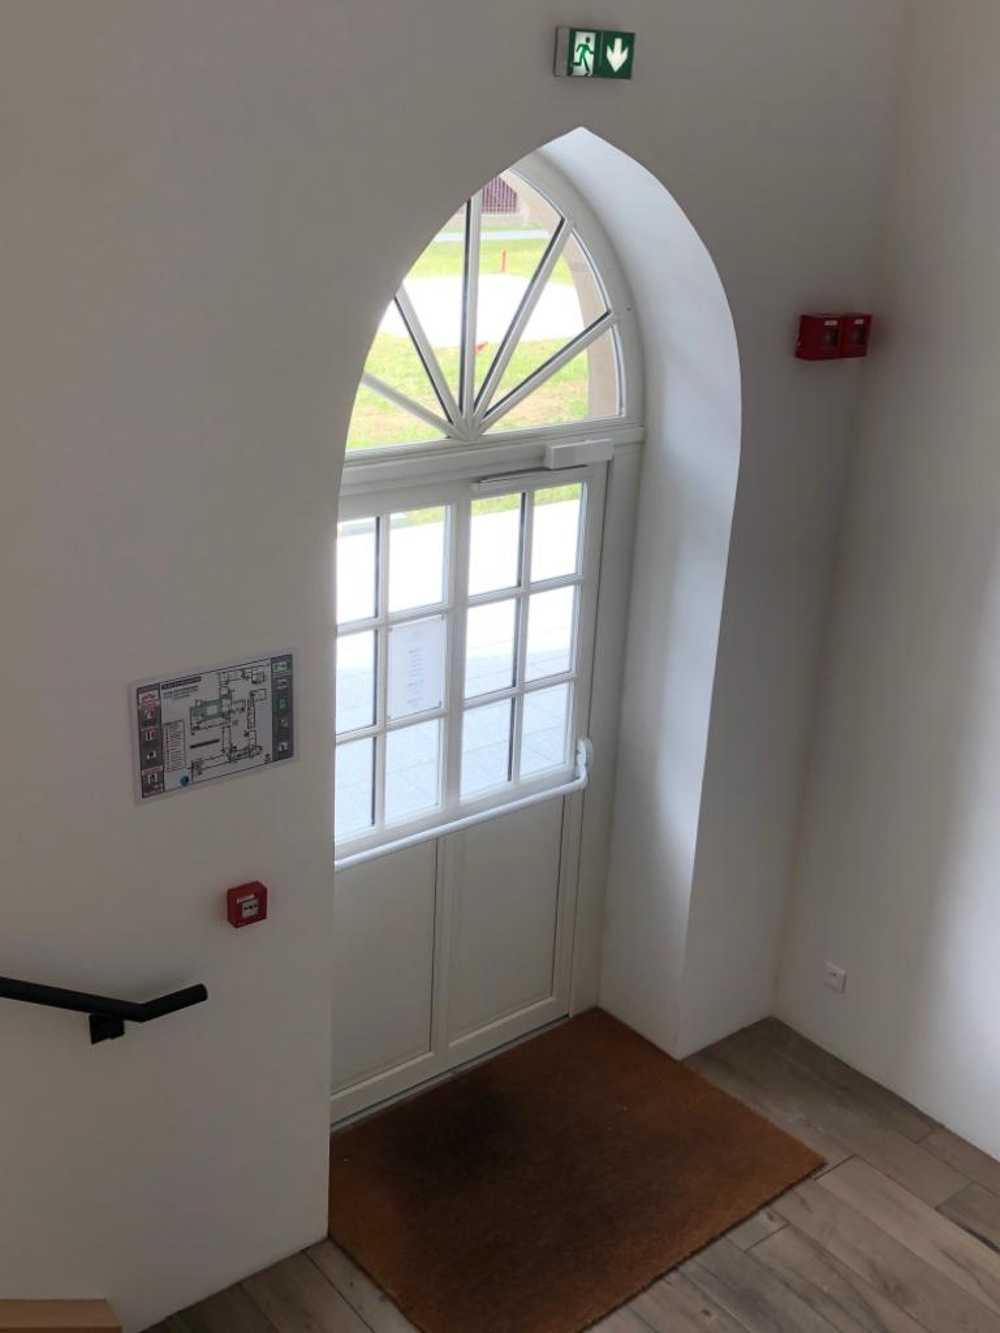 Fenêtre bois et porte d''entrée bois avec imposte fixe - Dinan -22 0